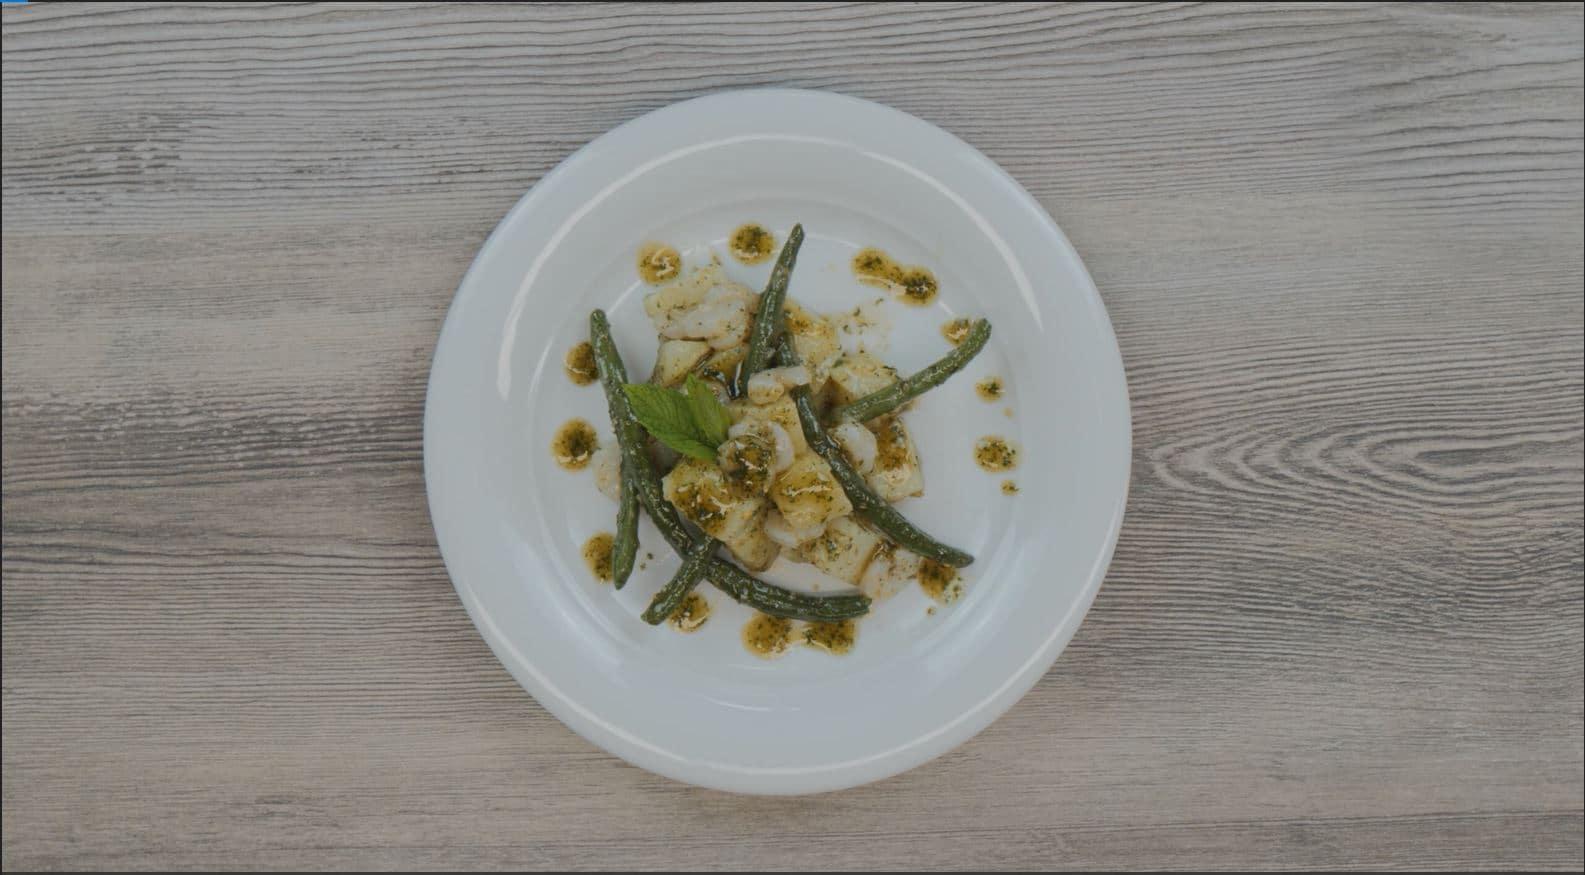 Insalata di patate al pesto di menta - Ricette Selenella